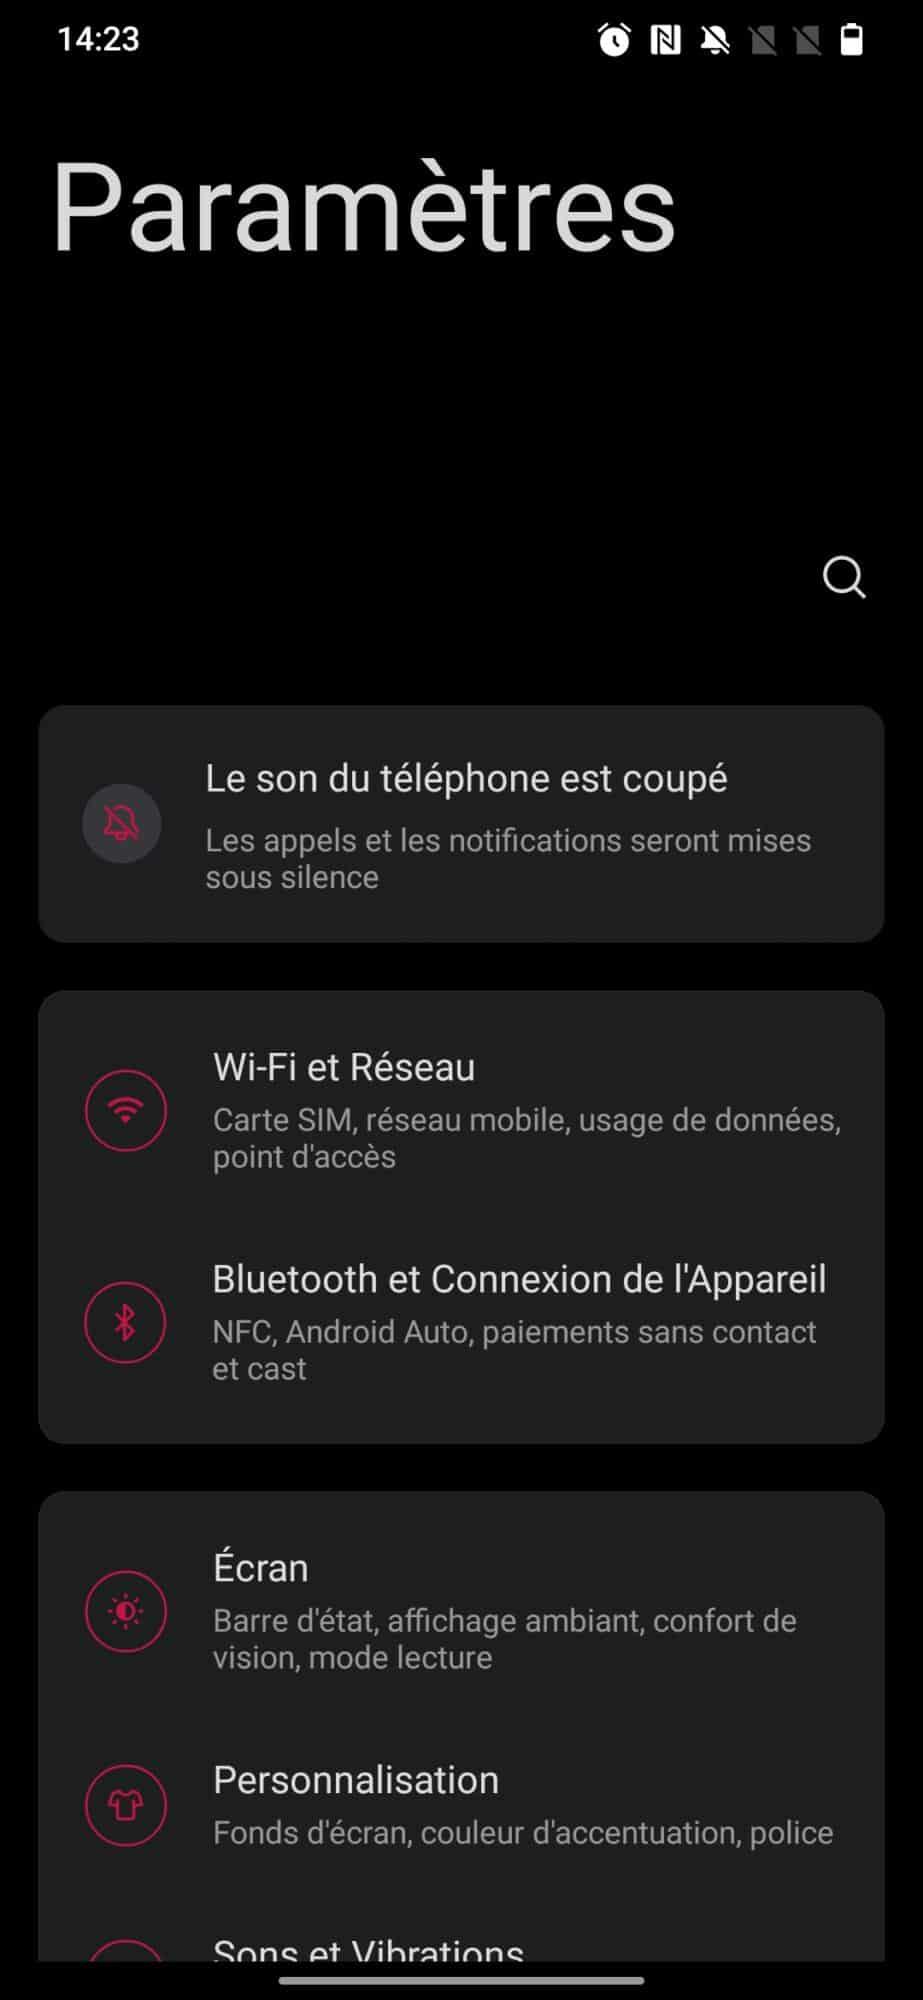 oneplus 7, Comment installer la bêta de OxygenOS 11 sur les OnePlus 7  ?